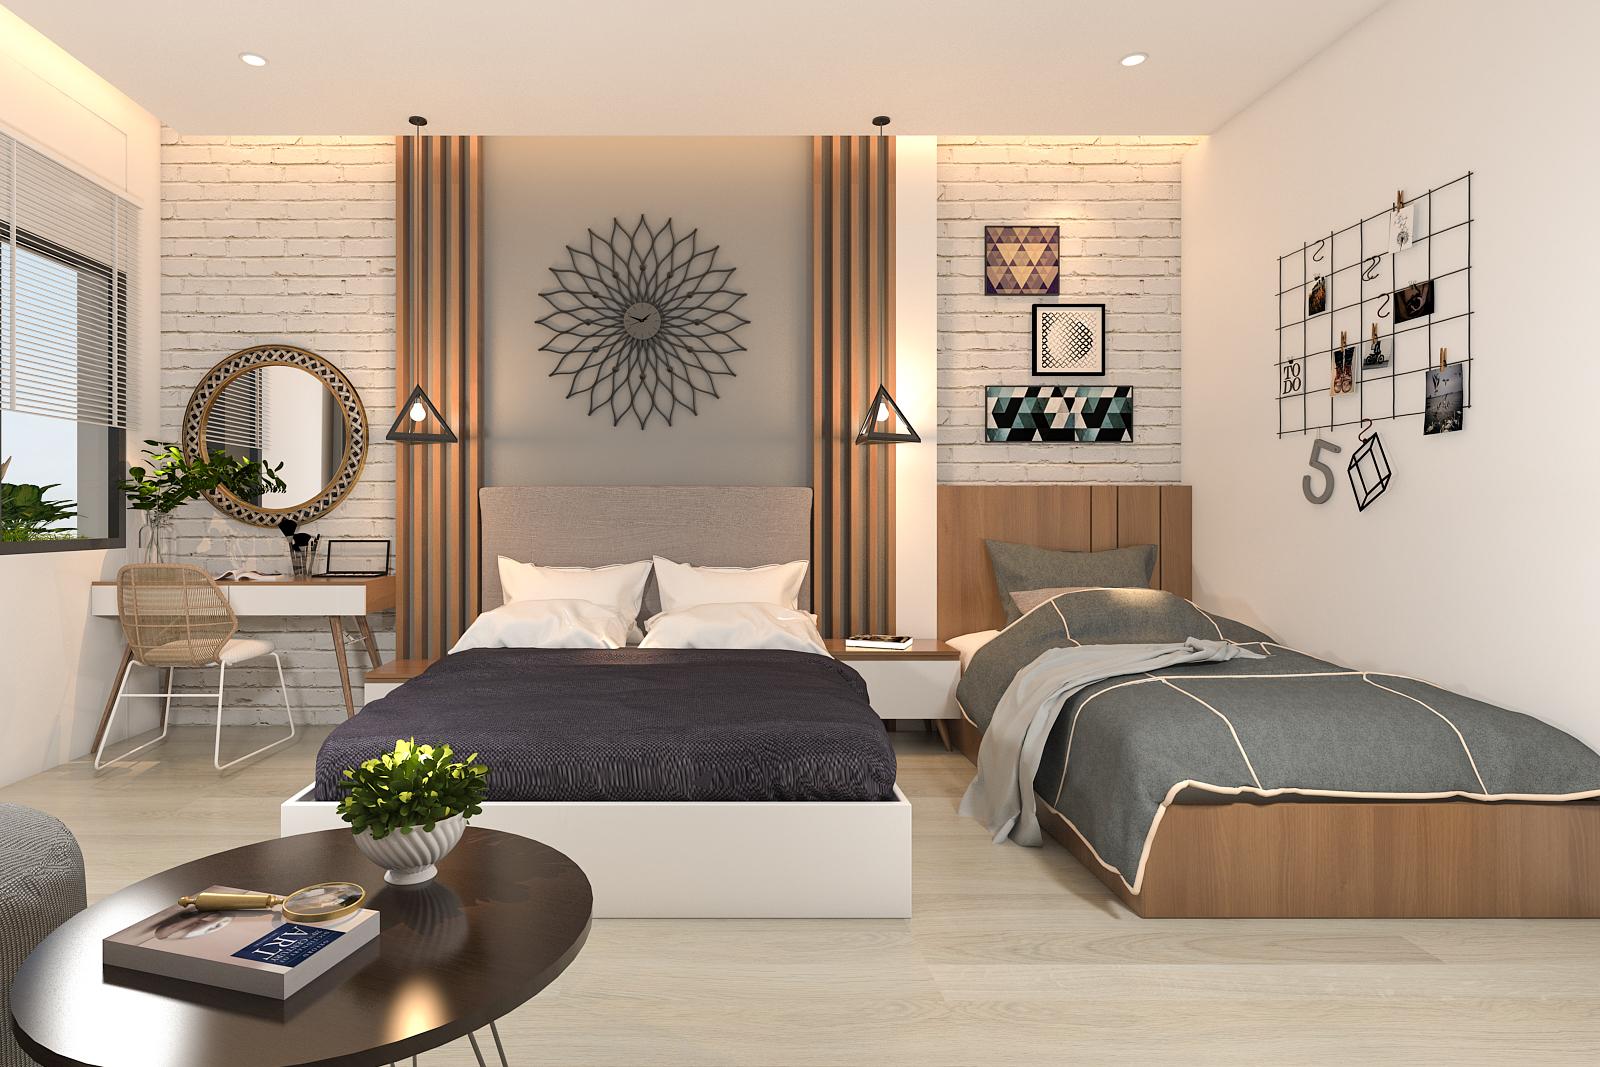 Nội thất phòng ngủ hiện đại, độc đáo